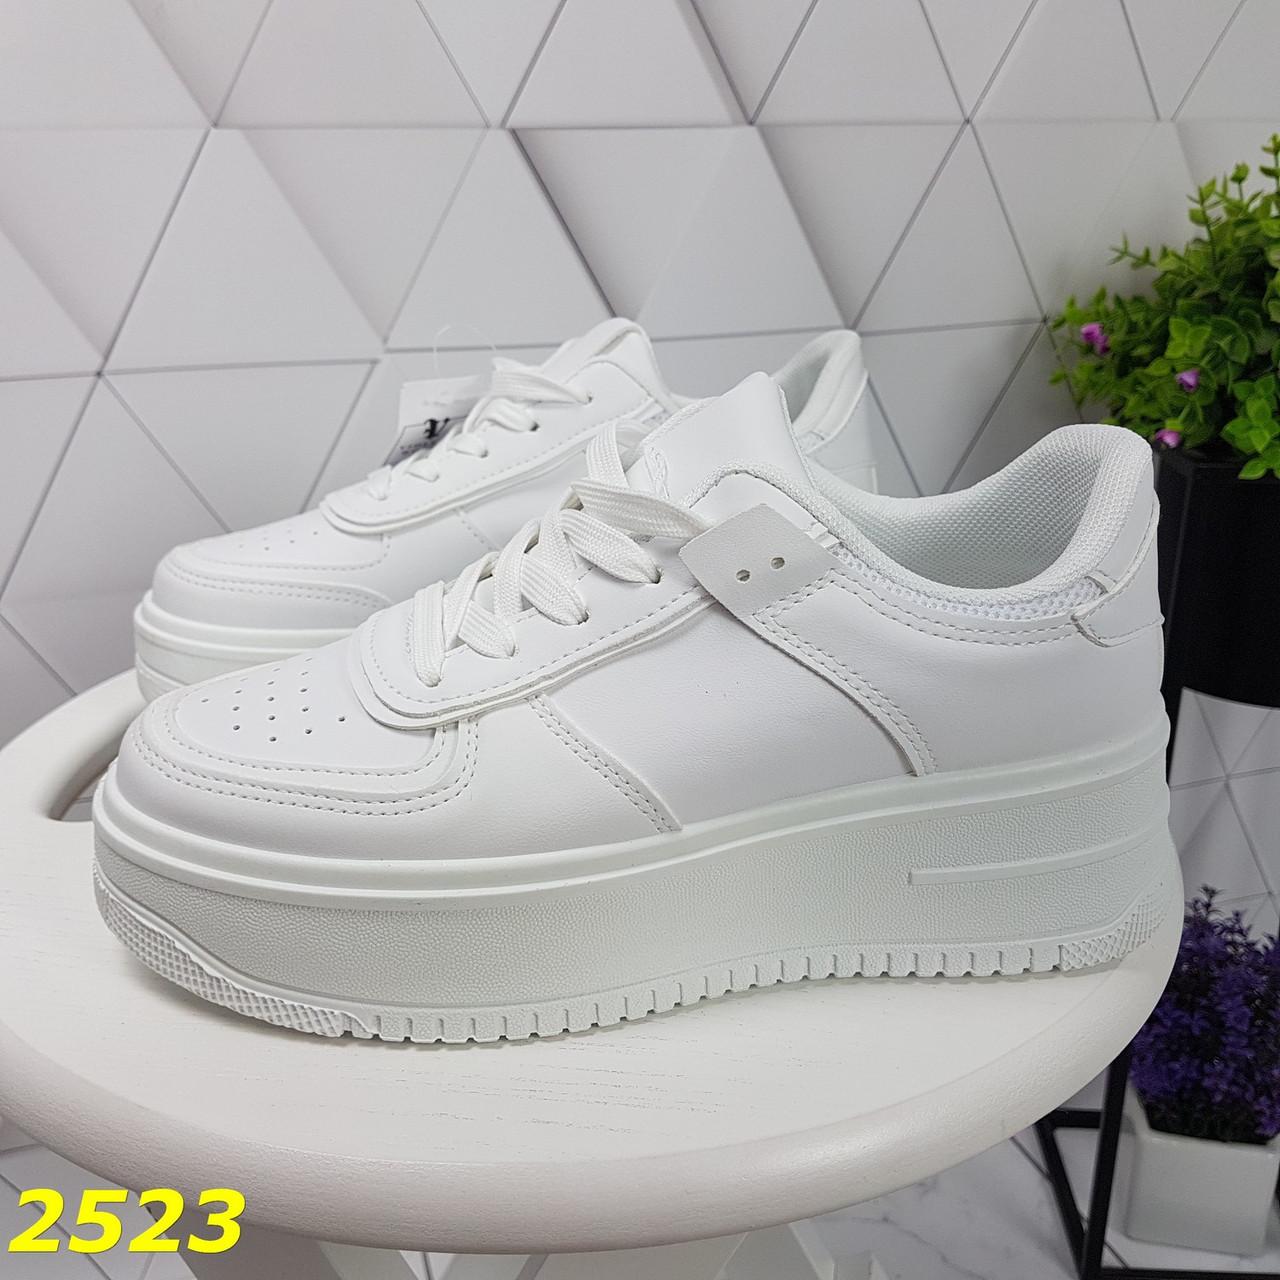 Криперы кроссовки на высокой массивной платформе белые 37, 38 р. (2523)